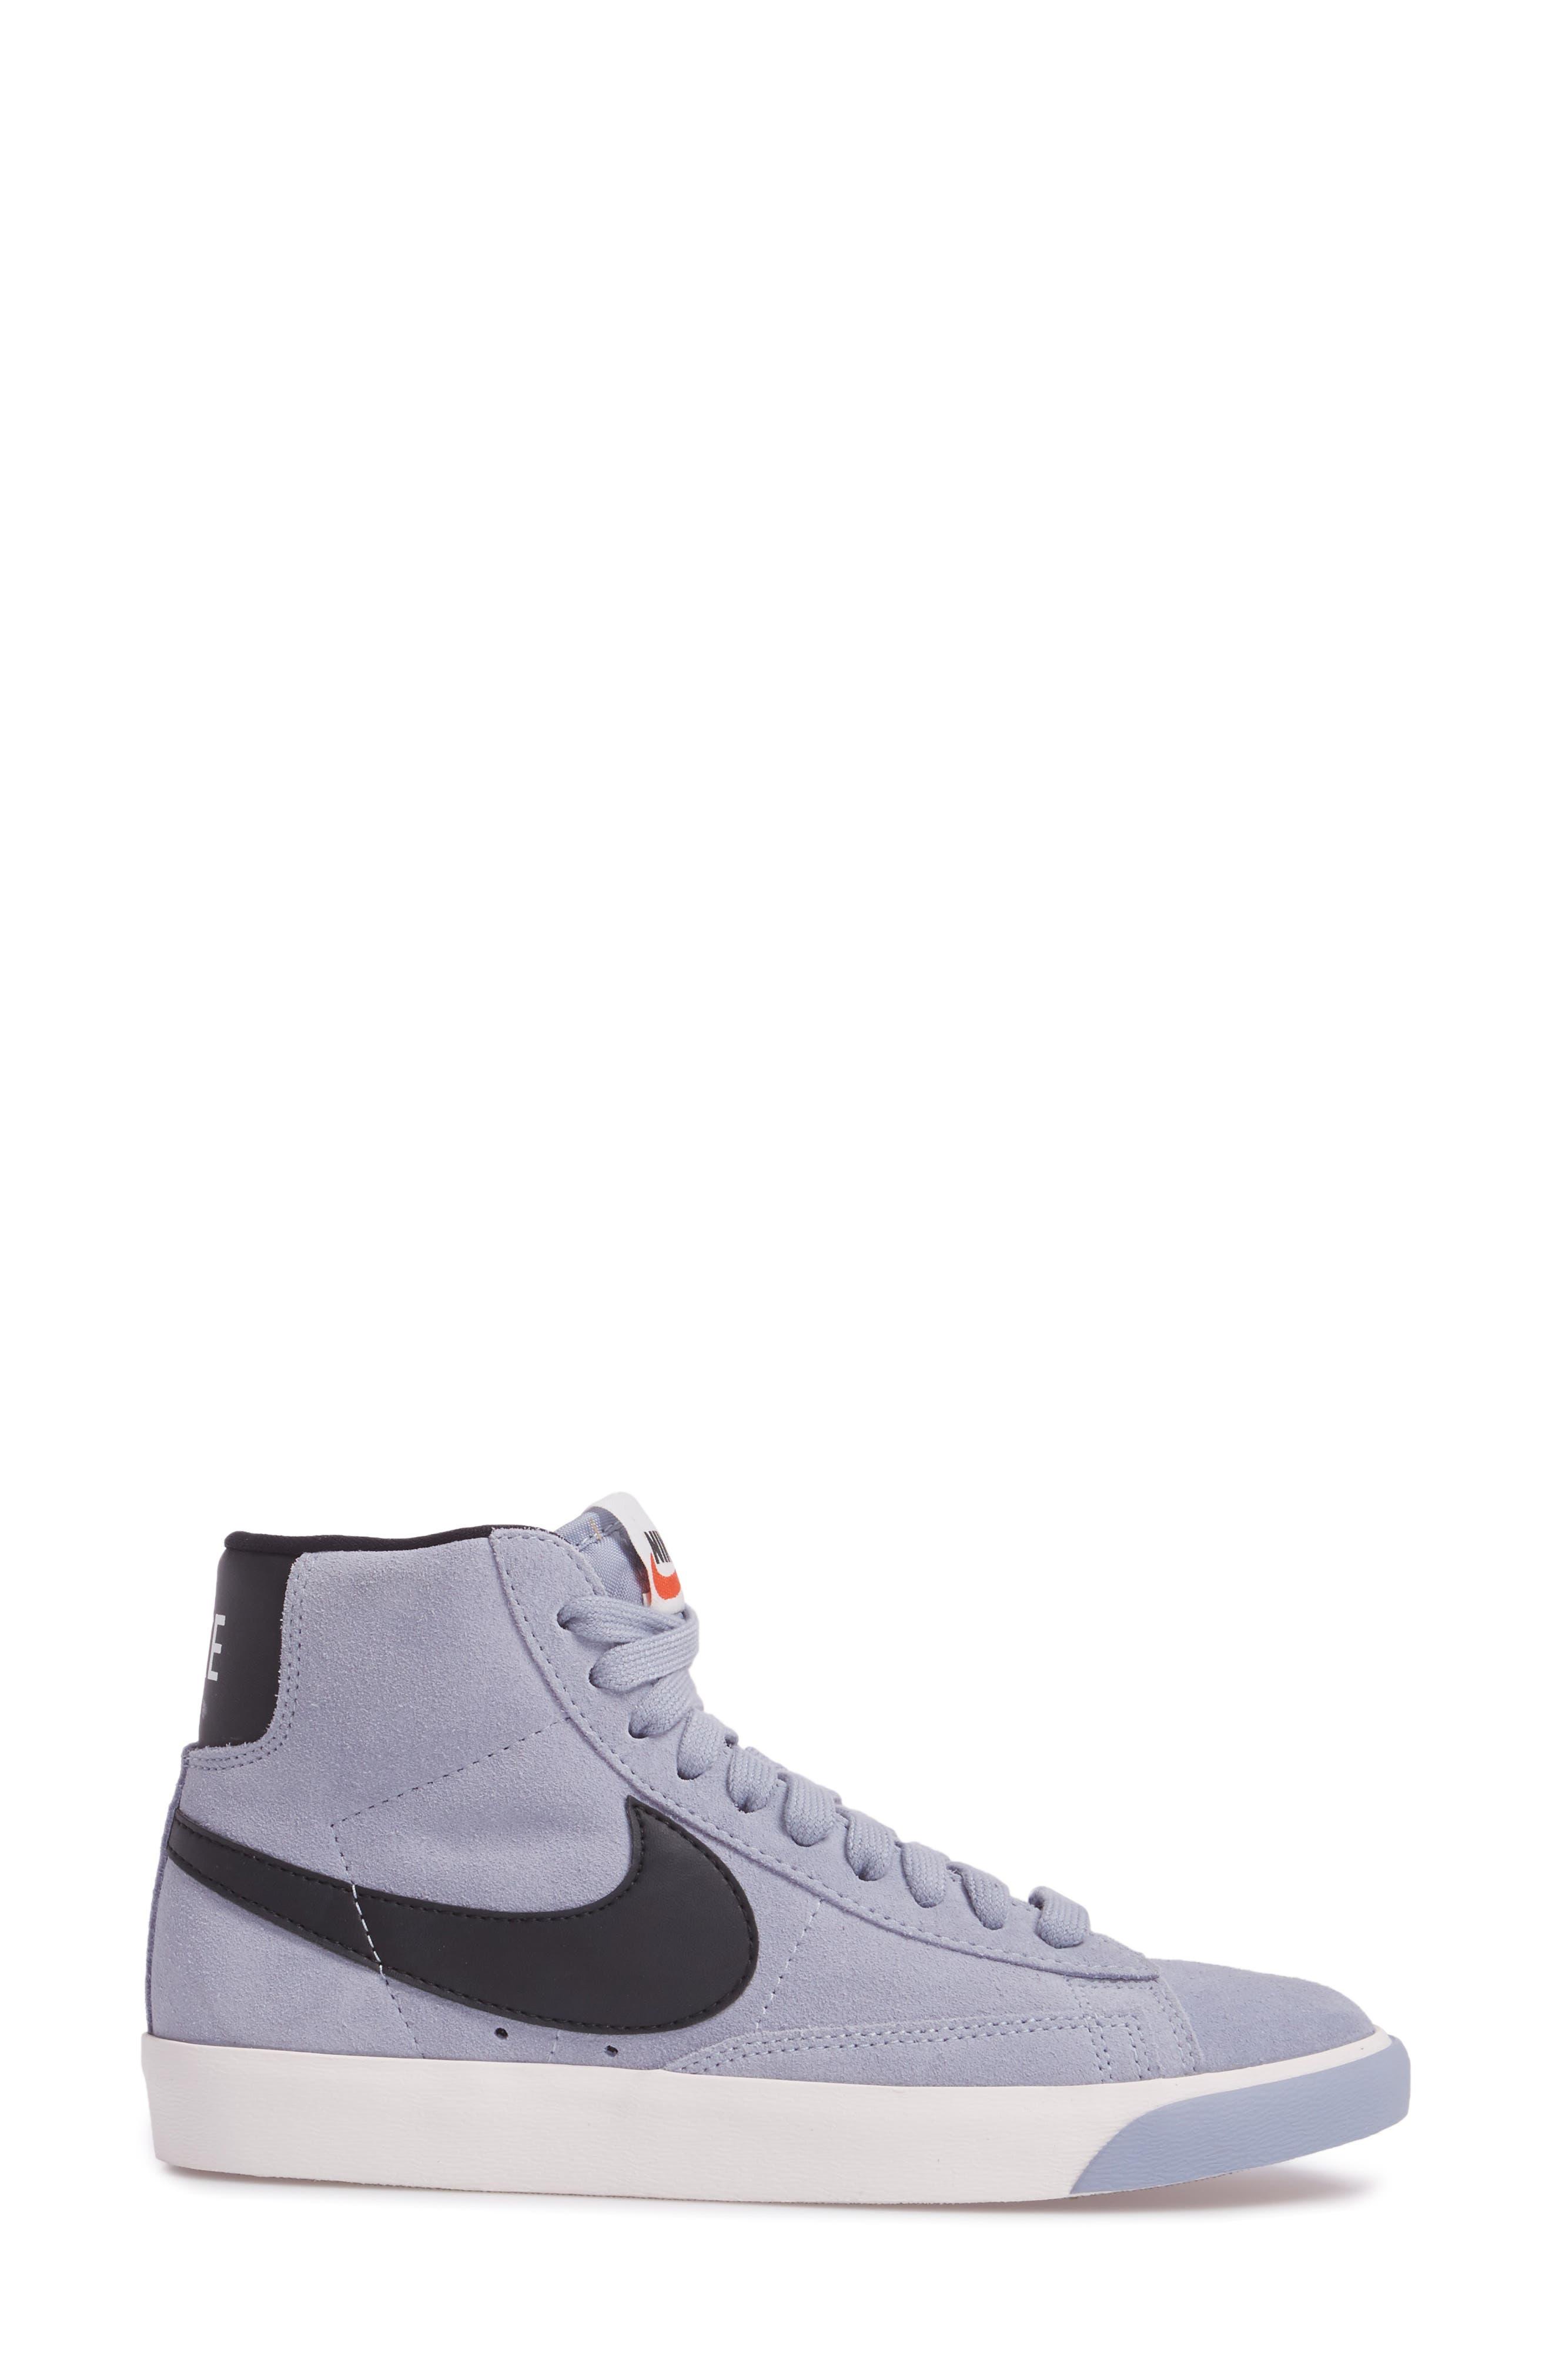 Alternate Image 3  - Nike Blazer Mid Vintage Sneakers (Women)